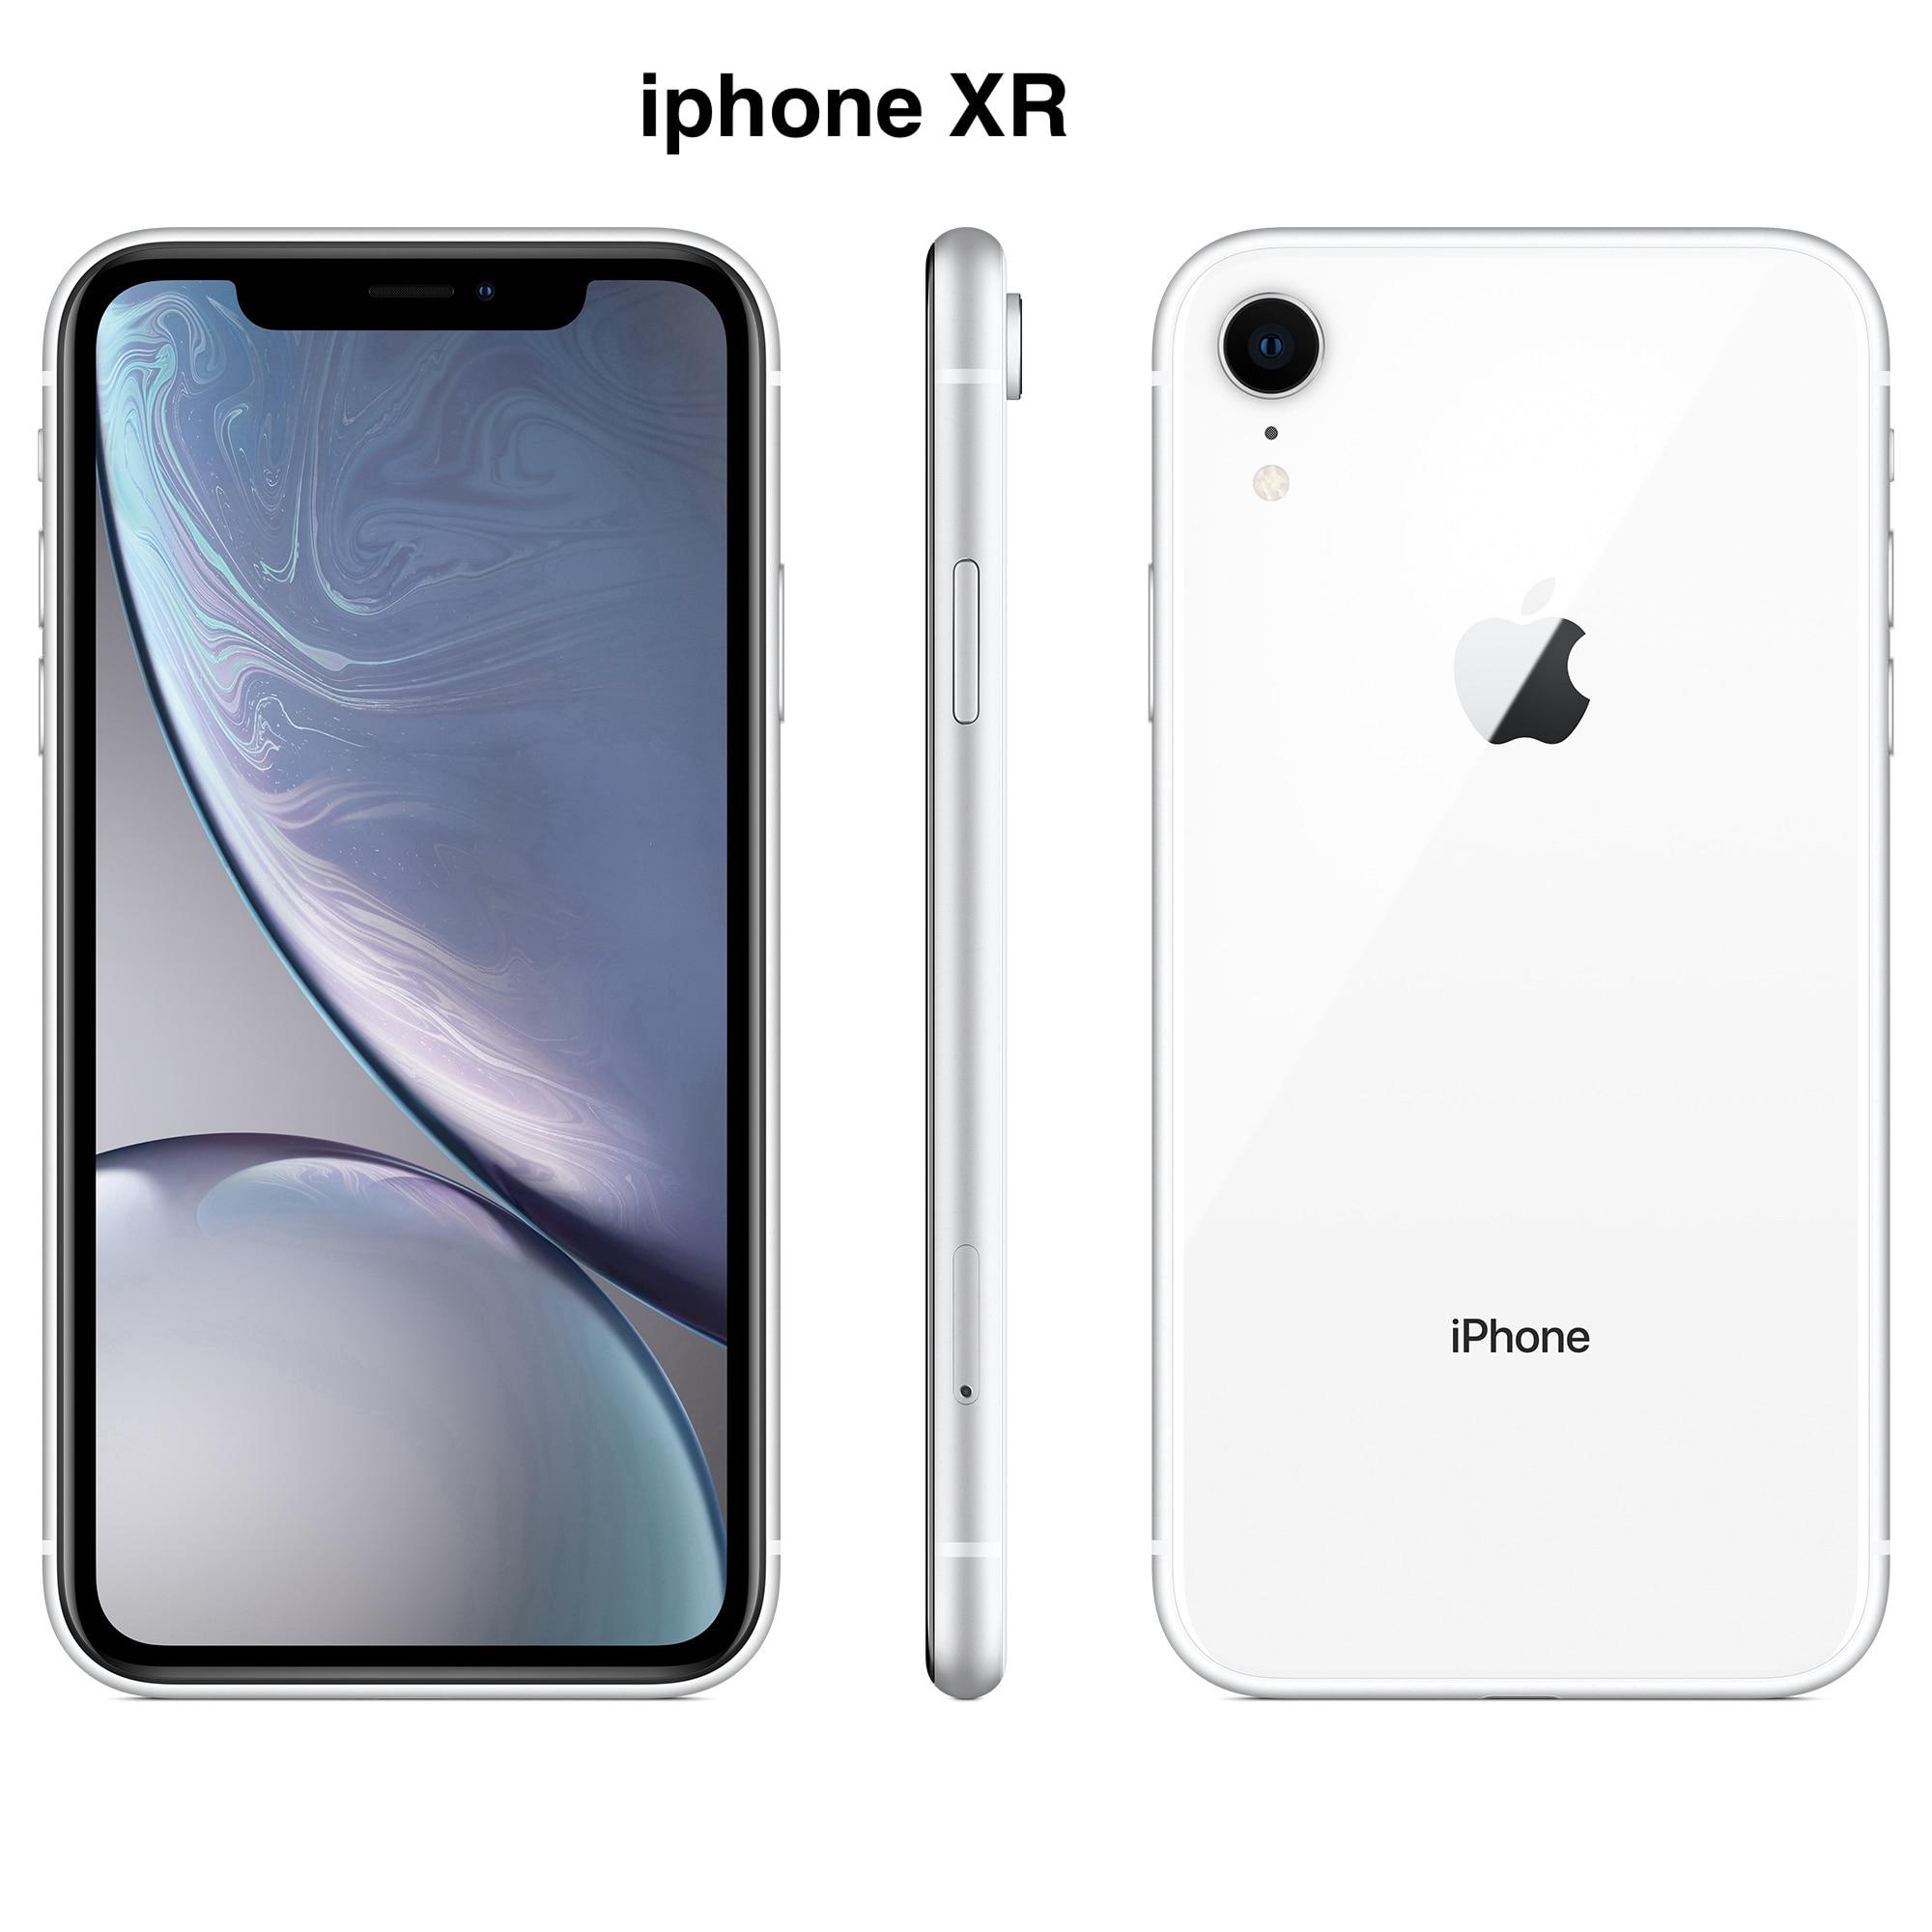 Бывший в употреблении Apple iPhone XR, 5,5-дюймовый дисплей Retina HD, полный экран, телефон с идентификацией лица, 4G LTE, шестиядерный A12 Bionic IOS смартфон